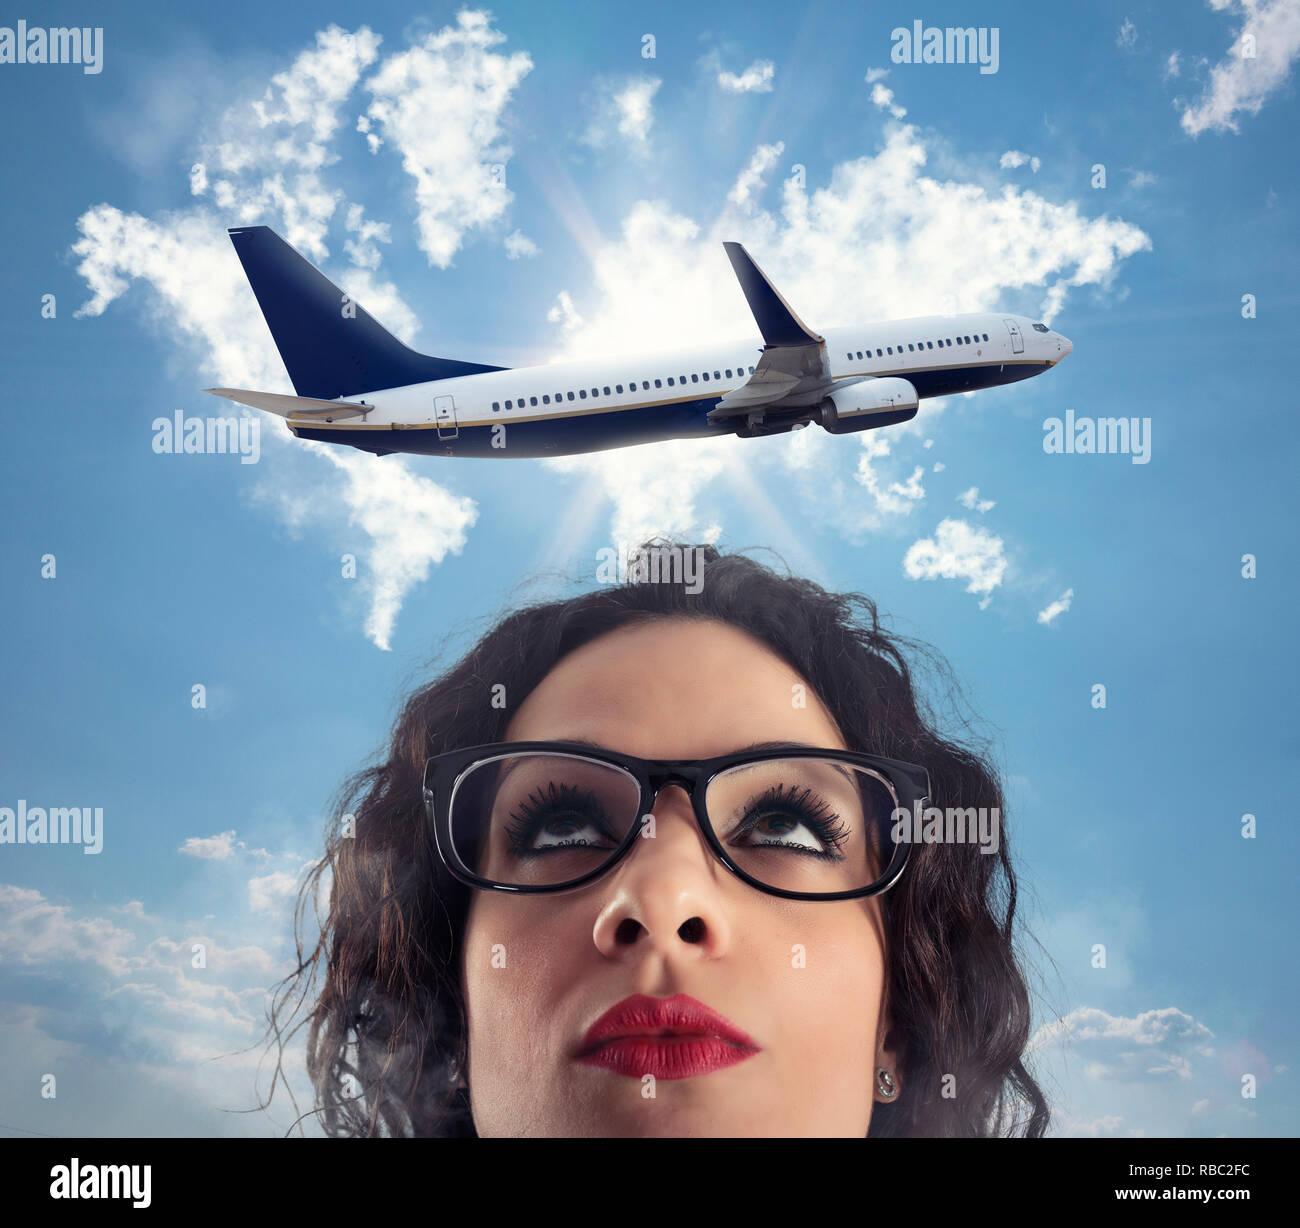 Mujer quiere tomar un descanso de su trabajo durante un viaje en avión Imagen De Stock